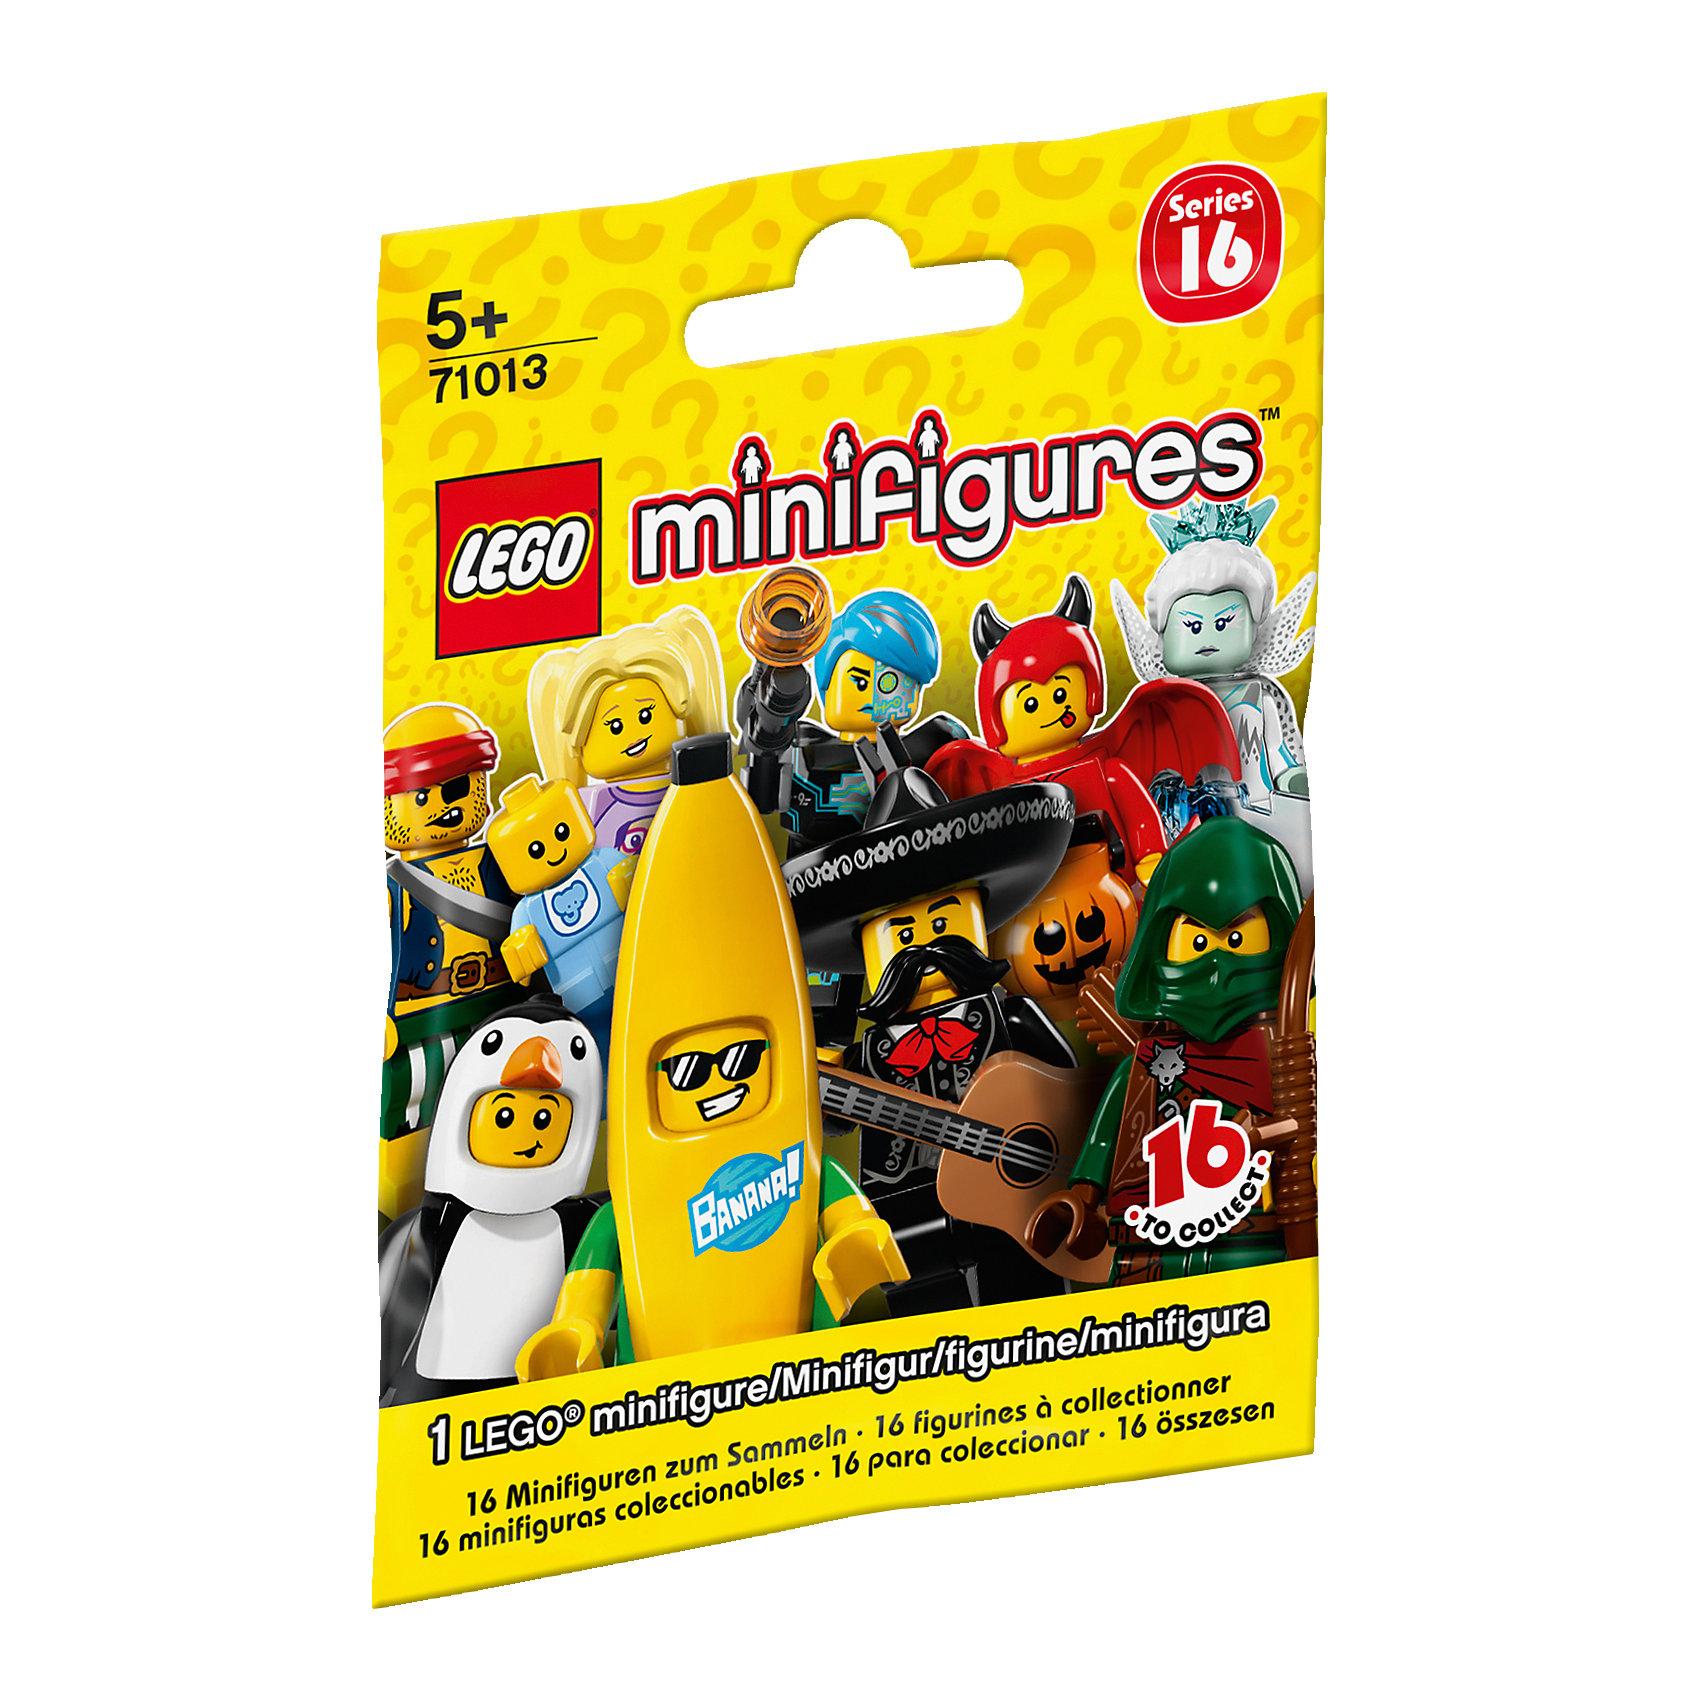 LEGO 71013: Минифигурки, серия 16Пластмассовые конструкторы<br>LEGO 71013: Минифигурки, серия 16.<br><br>Характеристики: <br><br>• Материал: высококачественный пластик.<br>• Количество в пакетике: 1 шт.<br><br>Вперед к новым  приключениям с новыми коллекционными минифигурками LEGO серии 16! Встречайте : Воина пустыни, Пингвинёнка, Королеву льда, Шпиона, Мальчика в костюме банана, Путешественника, Боксёра-чемпиона, Призрачного мальчика, Злодея, Киборга, Непослушного чертёнка, Победителя выставки собак, Пирата-бездельника, Няню, Фотографа дикой природы и Мариачи. Внутри каждого закрытого пакетика вы найдёте искусно изготовленную минифигурку с аксессуарами, демонстрационную пластинку, коллекционную брошюру.<br><br>ВНИМАНИЕ! Данный артикул представлен в разных вариантах исполнения. К сожалению, заранее выбрать определенный вариант невозможно. При заказе нескольких минифигурок возможно получение одинаковых.<br><br>LEGO 71013: Минифигурки, серия 16 – можно купить в нашем интернет – магазине.<br><br>Ширина мм: 115<br>Глубина мм: 86<br>Высота мм: 15<br>Вес г: 13<br>Возраст от месяцев: 60<br>Возраст до месяцев: 144<br>Пол: Унисекс<br>Возраст: Детский<br>SKU: 4641262